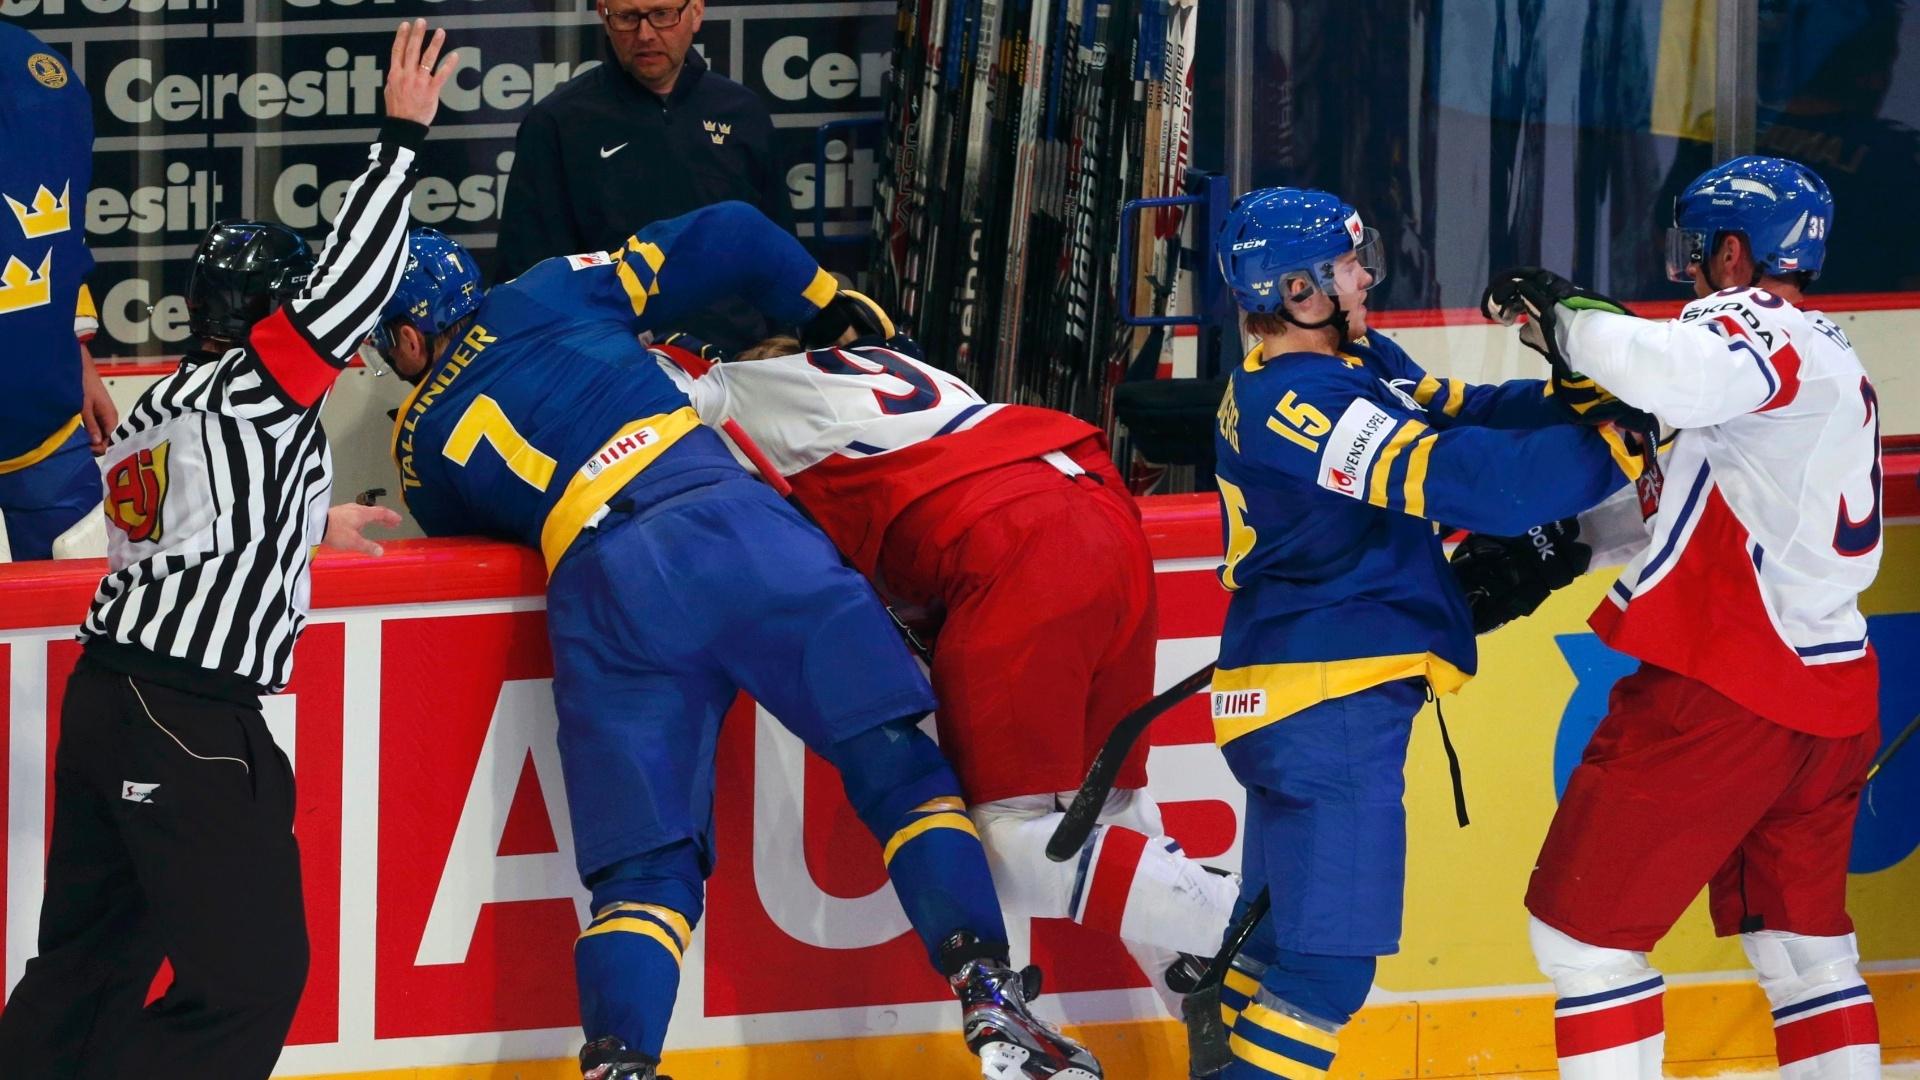 04.mai.2013 - Árbitro tenta conter briga entre jogadores de Suécia (azul) e República Tcheca, durante partida pelo Mundial de hóquei no gelo